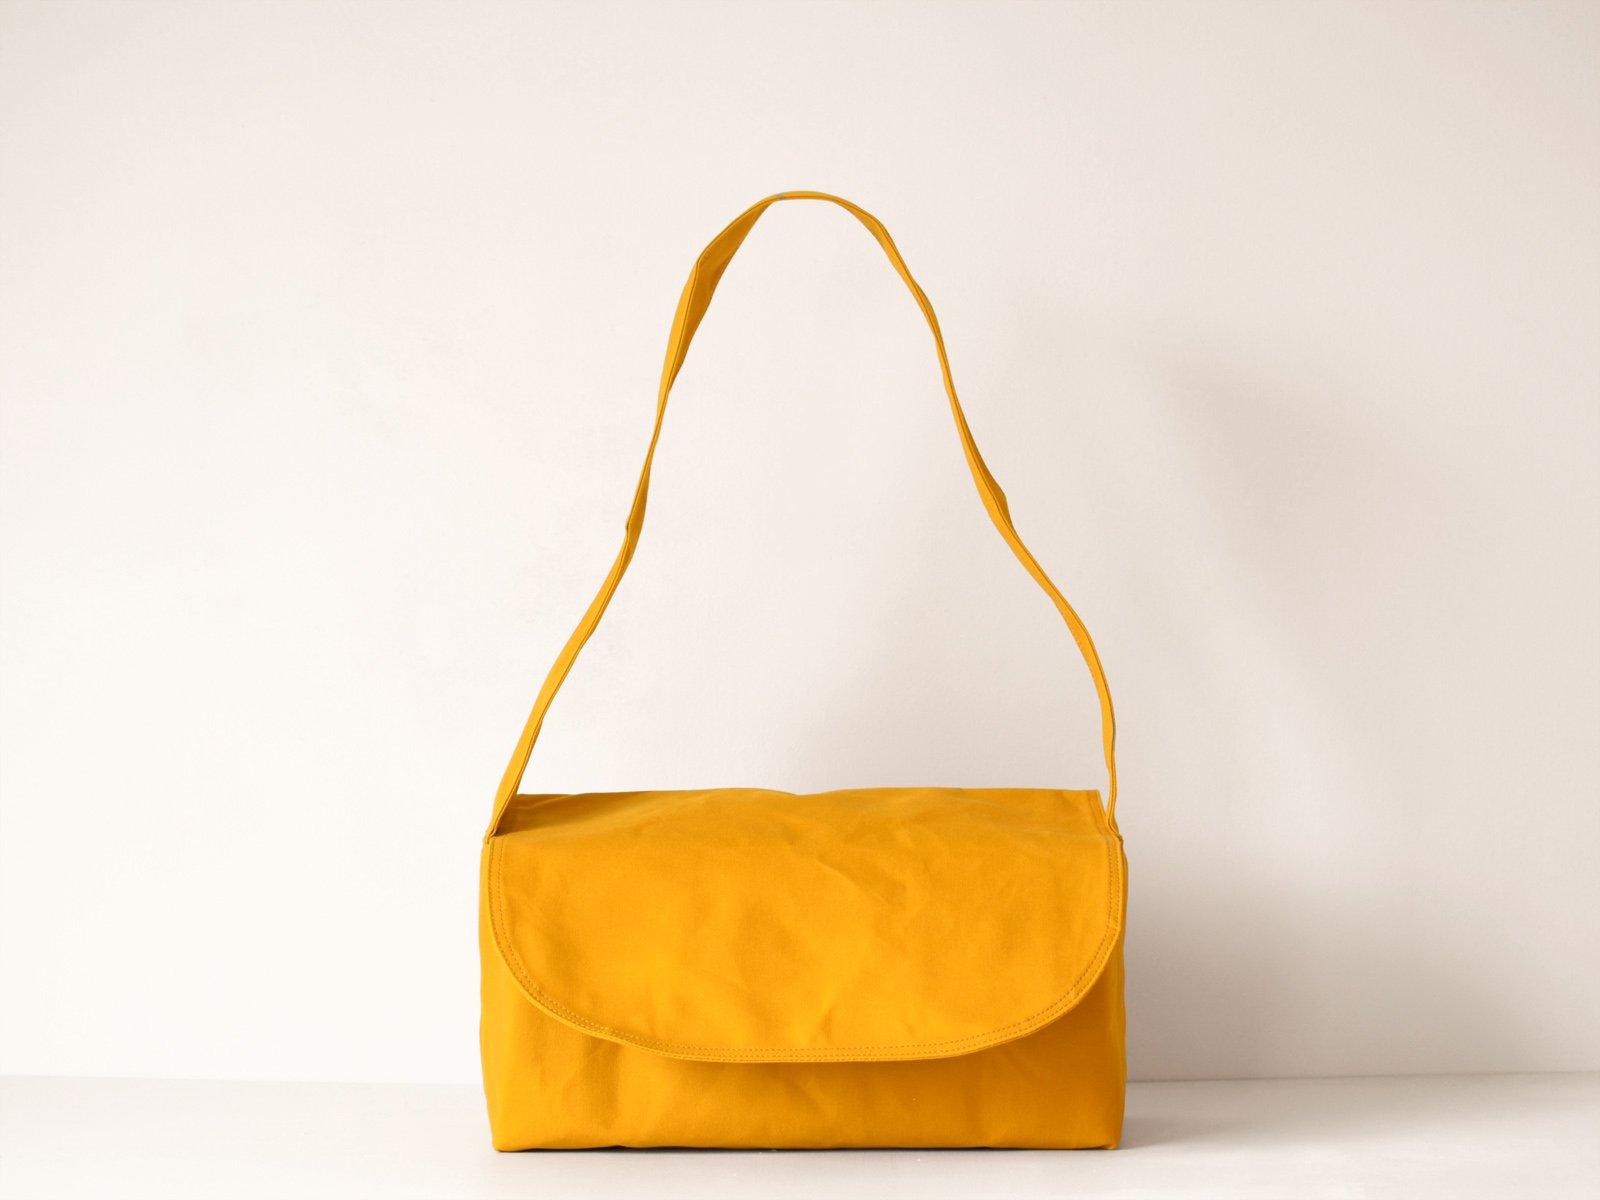 デリバリーバッグ,帆布